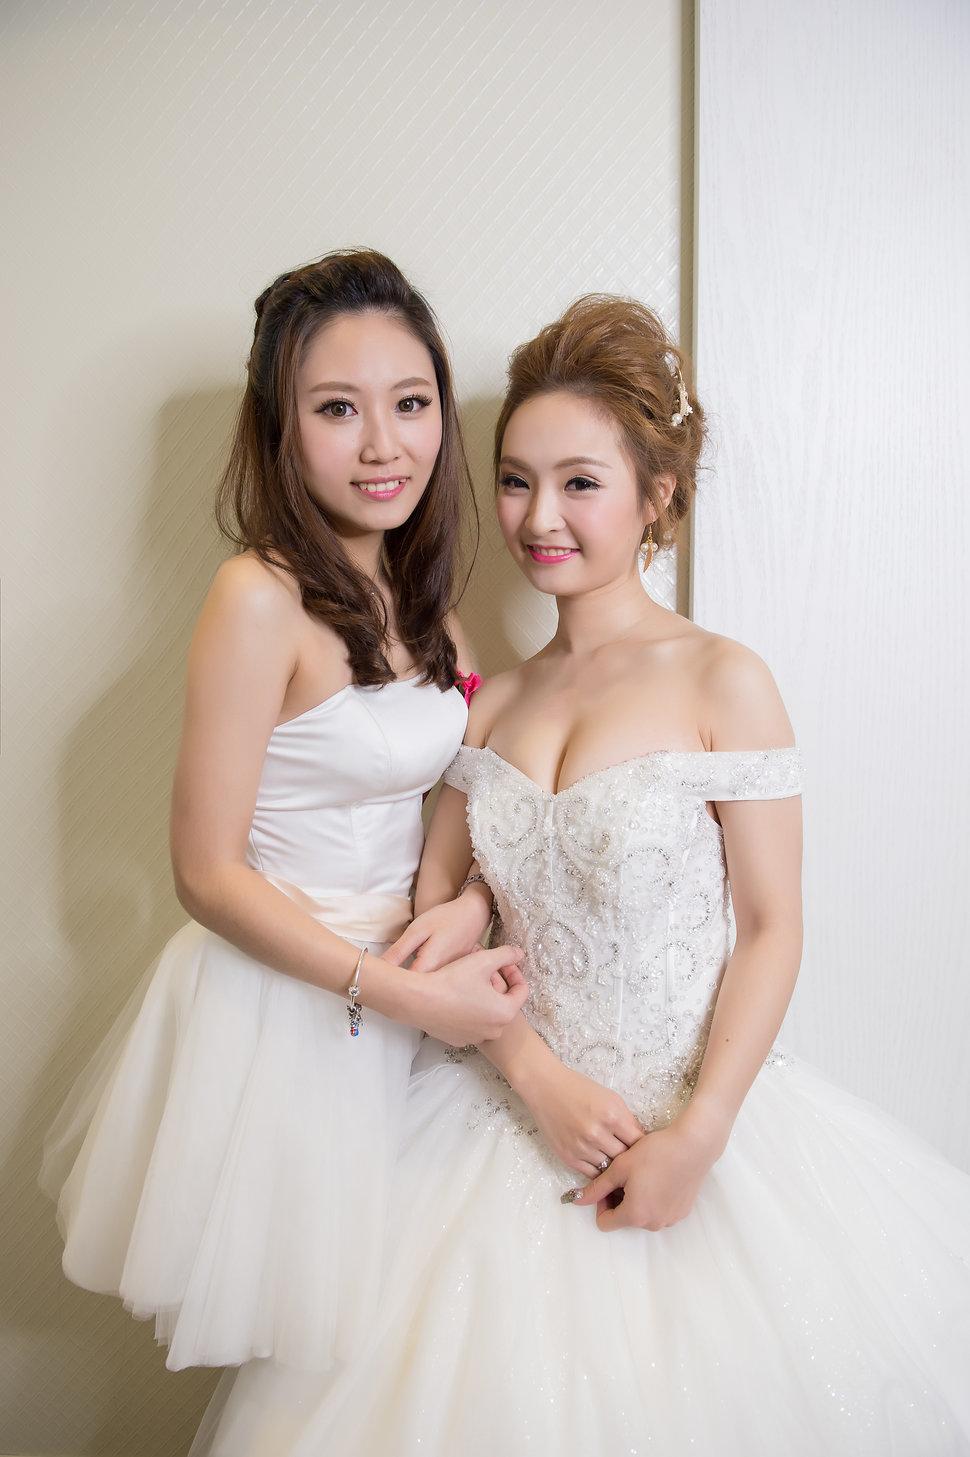 [台北婚攝] 訂婚迎娶儀式@雙岩龍鳳城(編號:432268) - Allen影像團隊 Love Story - 結婚吧